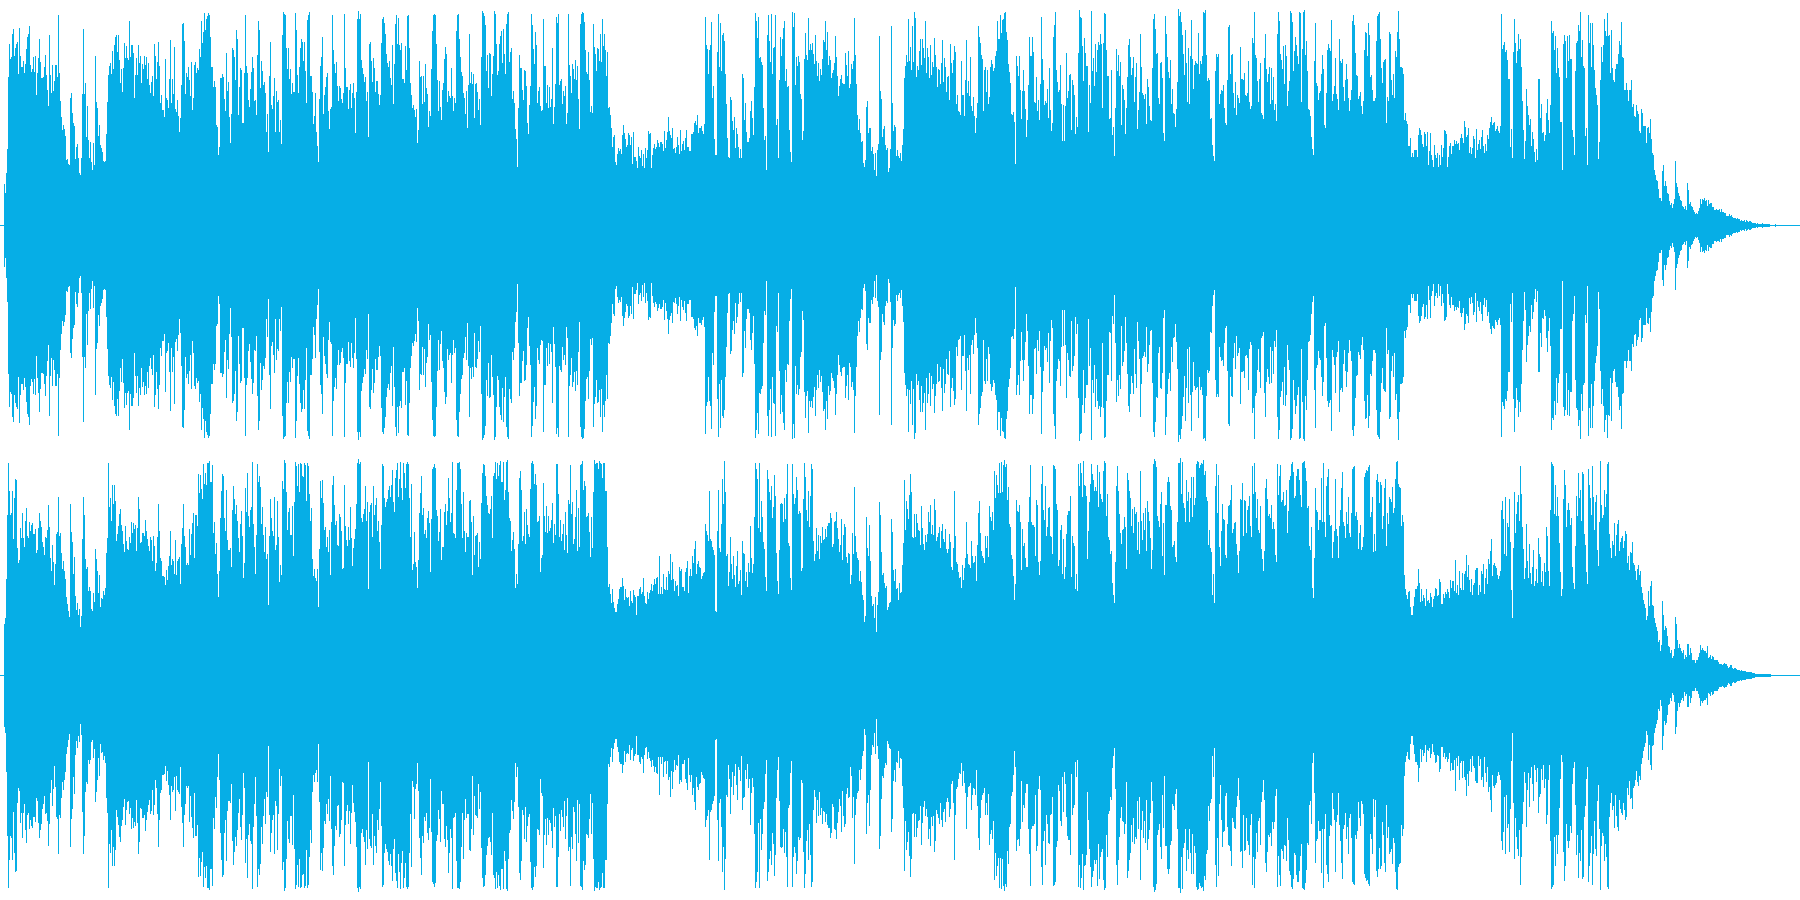 荘厳でダークな雰囲気のBGMの再生済みの波形